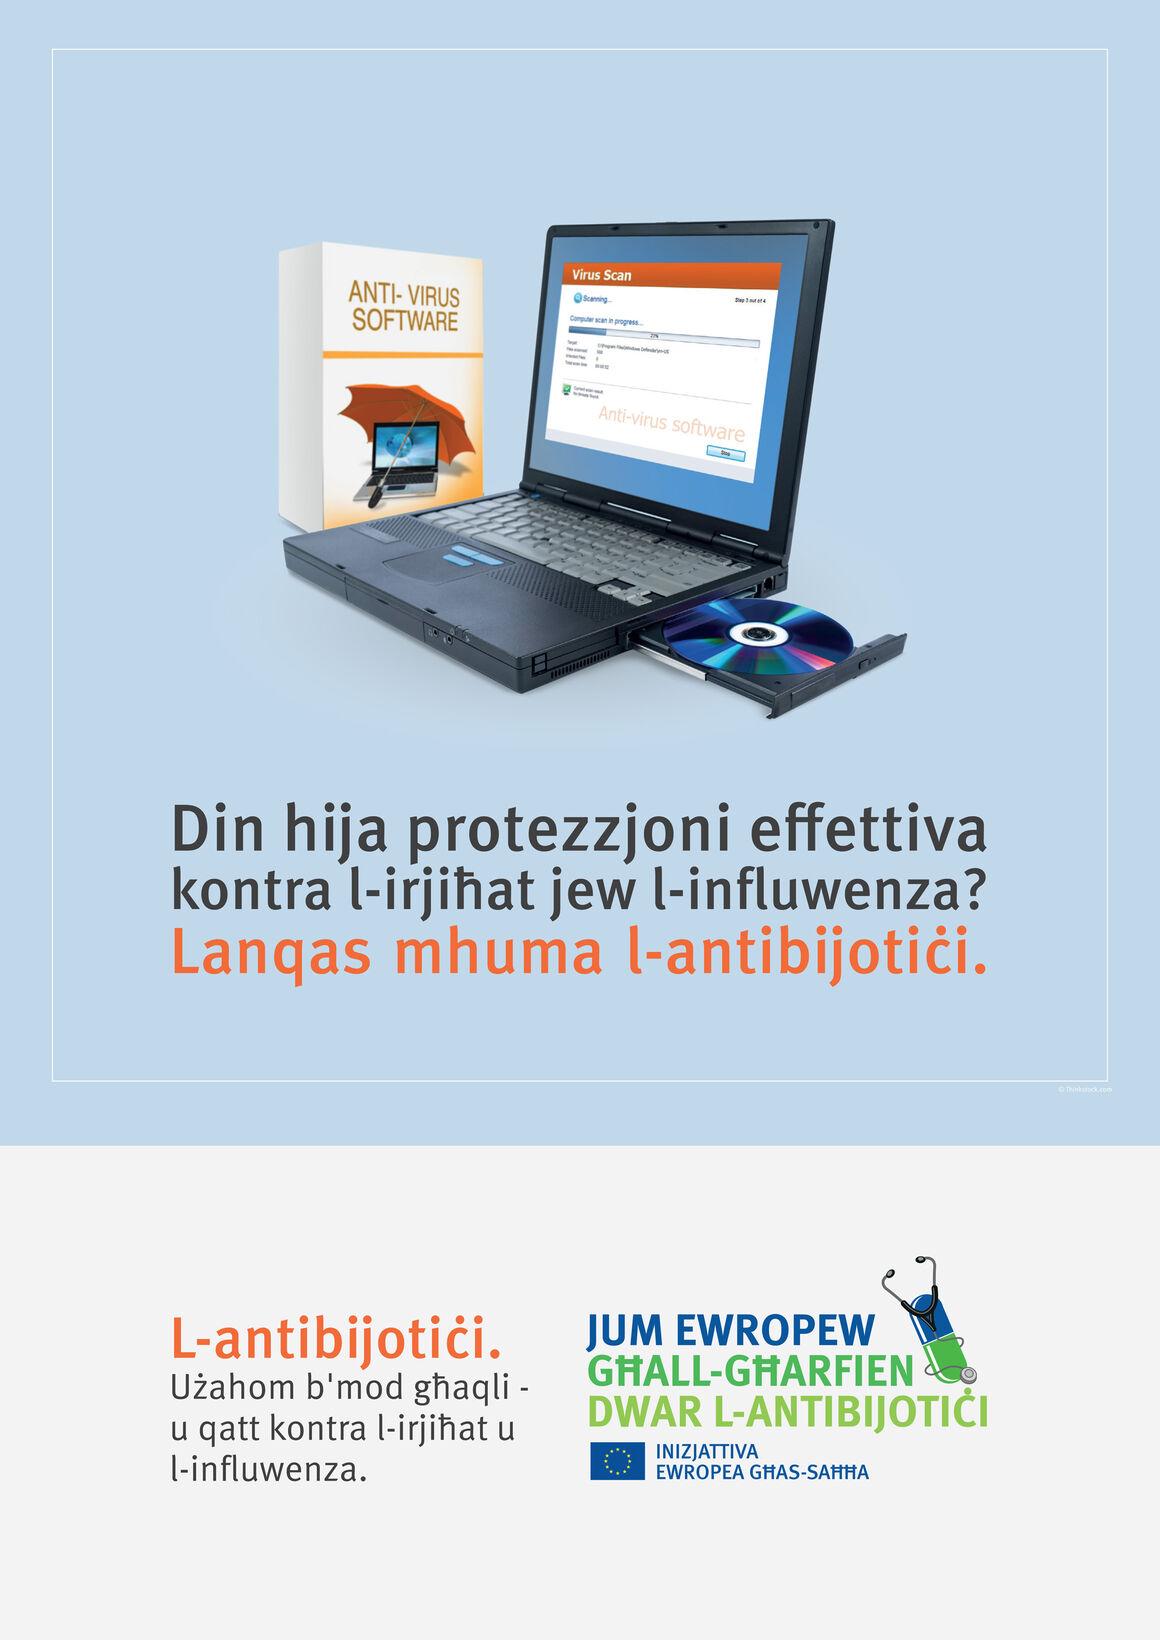 Powsters: Din hija protezzjoni effettiva kontra l-irjiħat jew l-influwenza? Lanqas mhuma l-antibijotiċi.